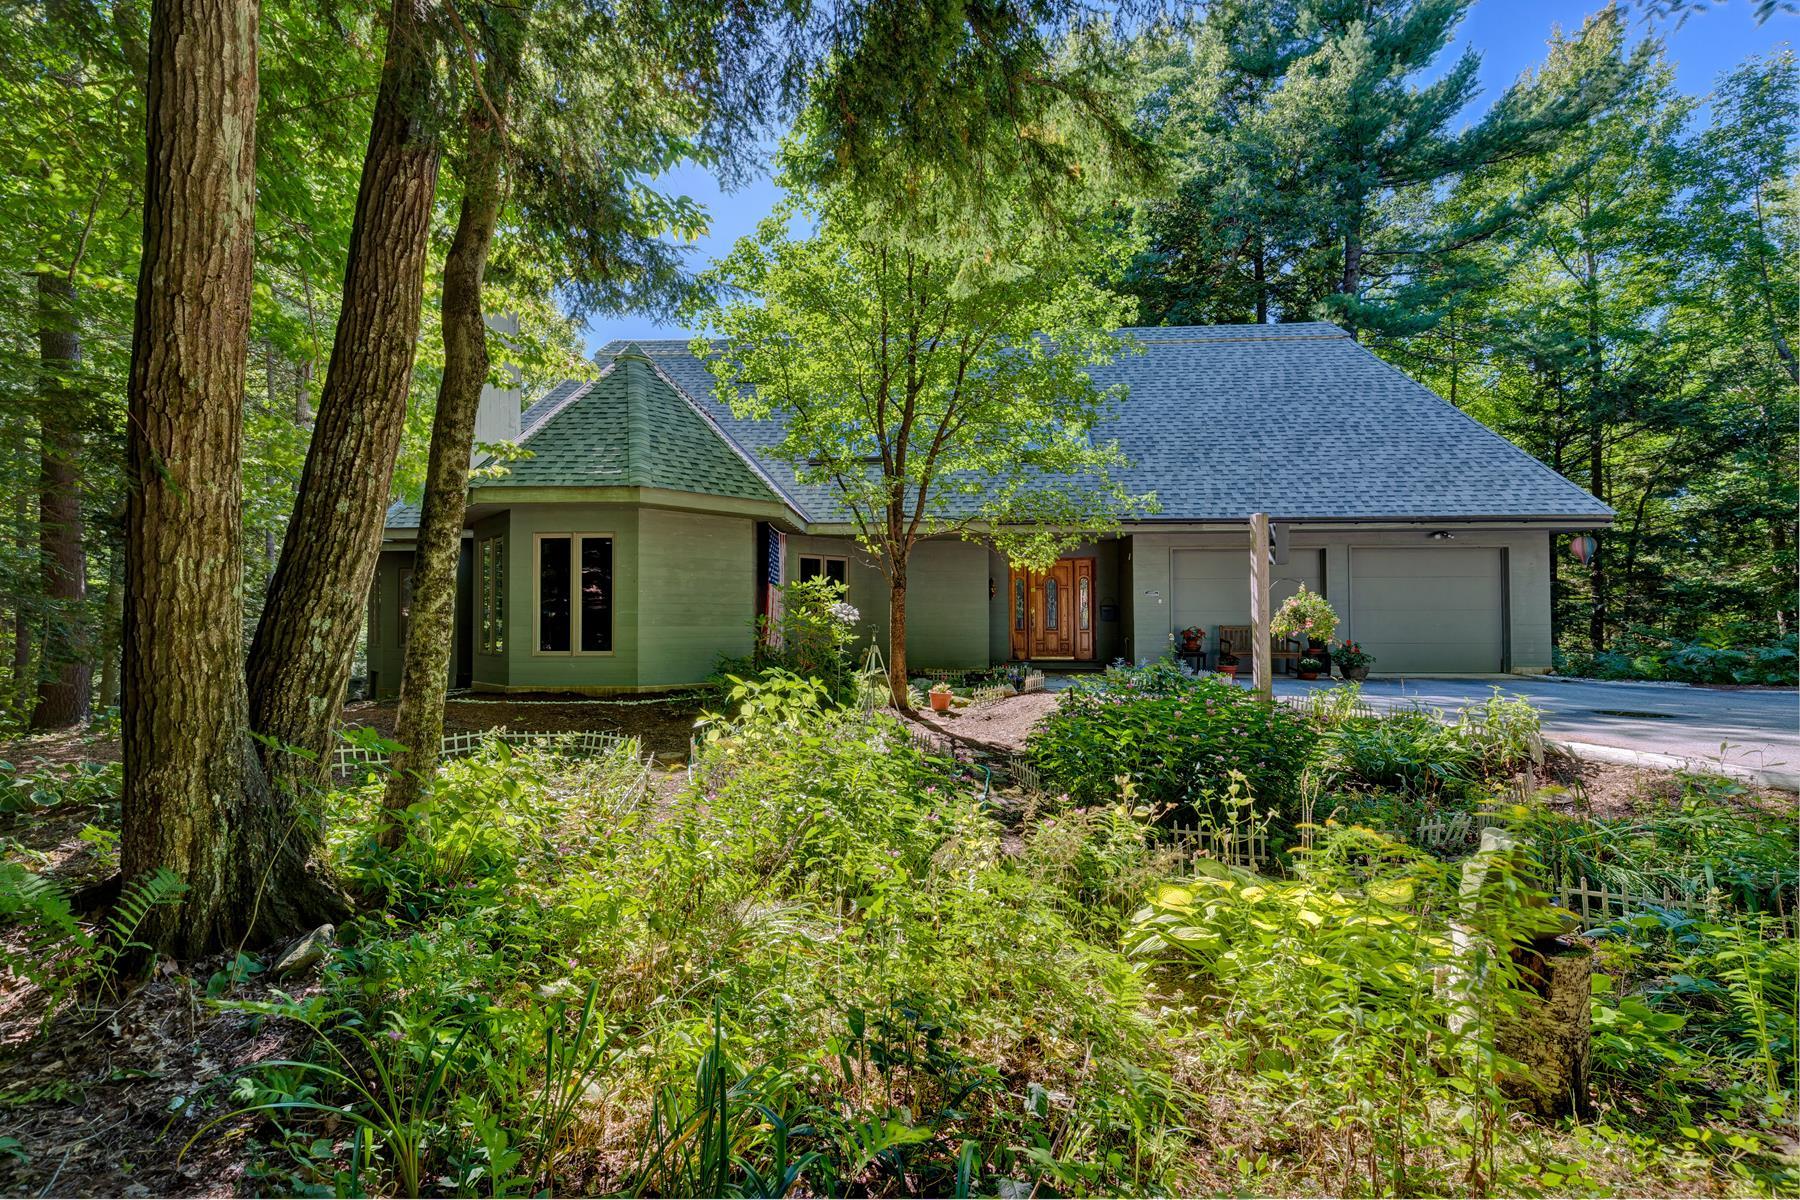 Частный односемейный дом для того Продажа на 4 West Hill Road, Sunapee 4 West Hill Rd Sunapee, Нью-Гэмпшир, 03782 Соединенные Штаты